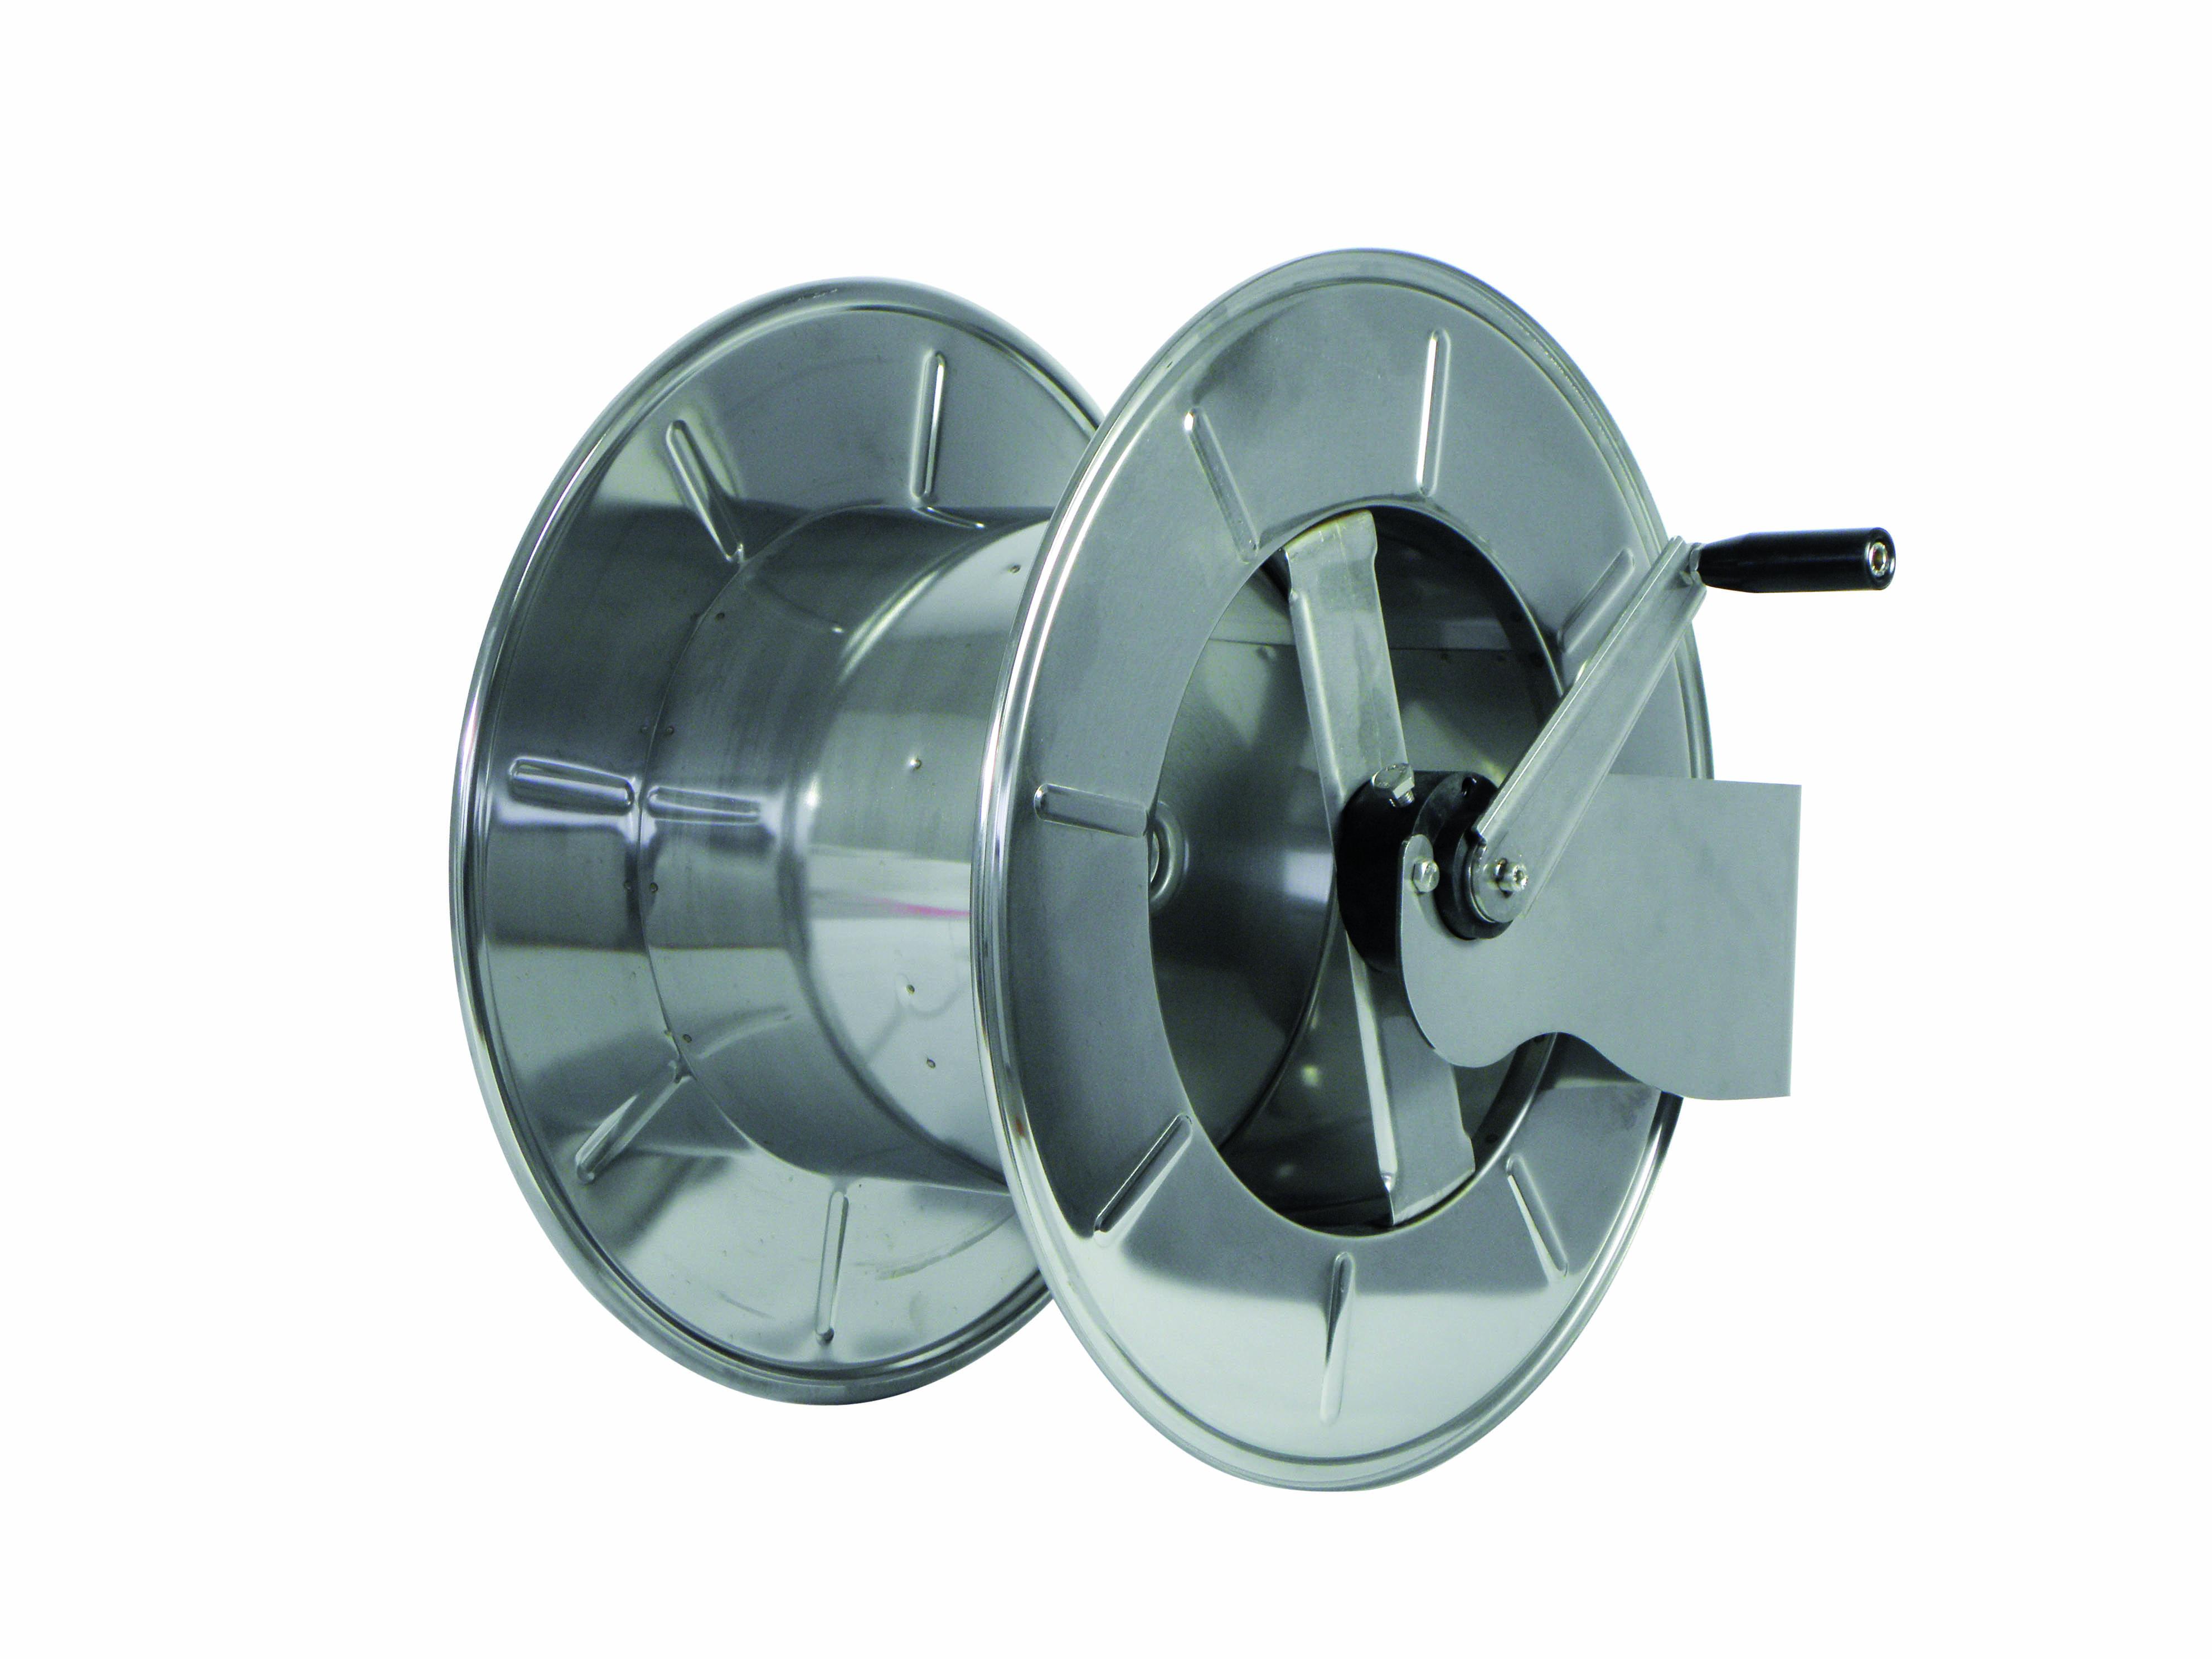 AVM9940 - Катушка для воды стандартное давление 0-200 бар